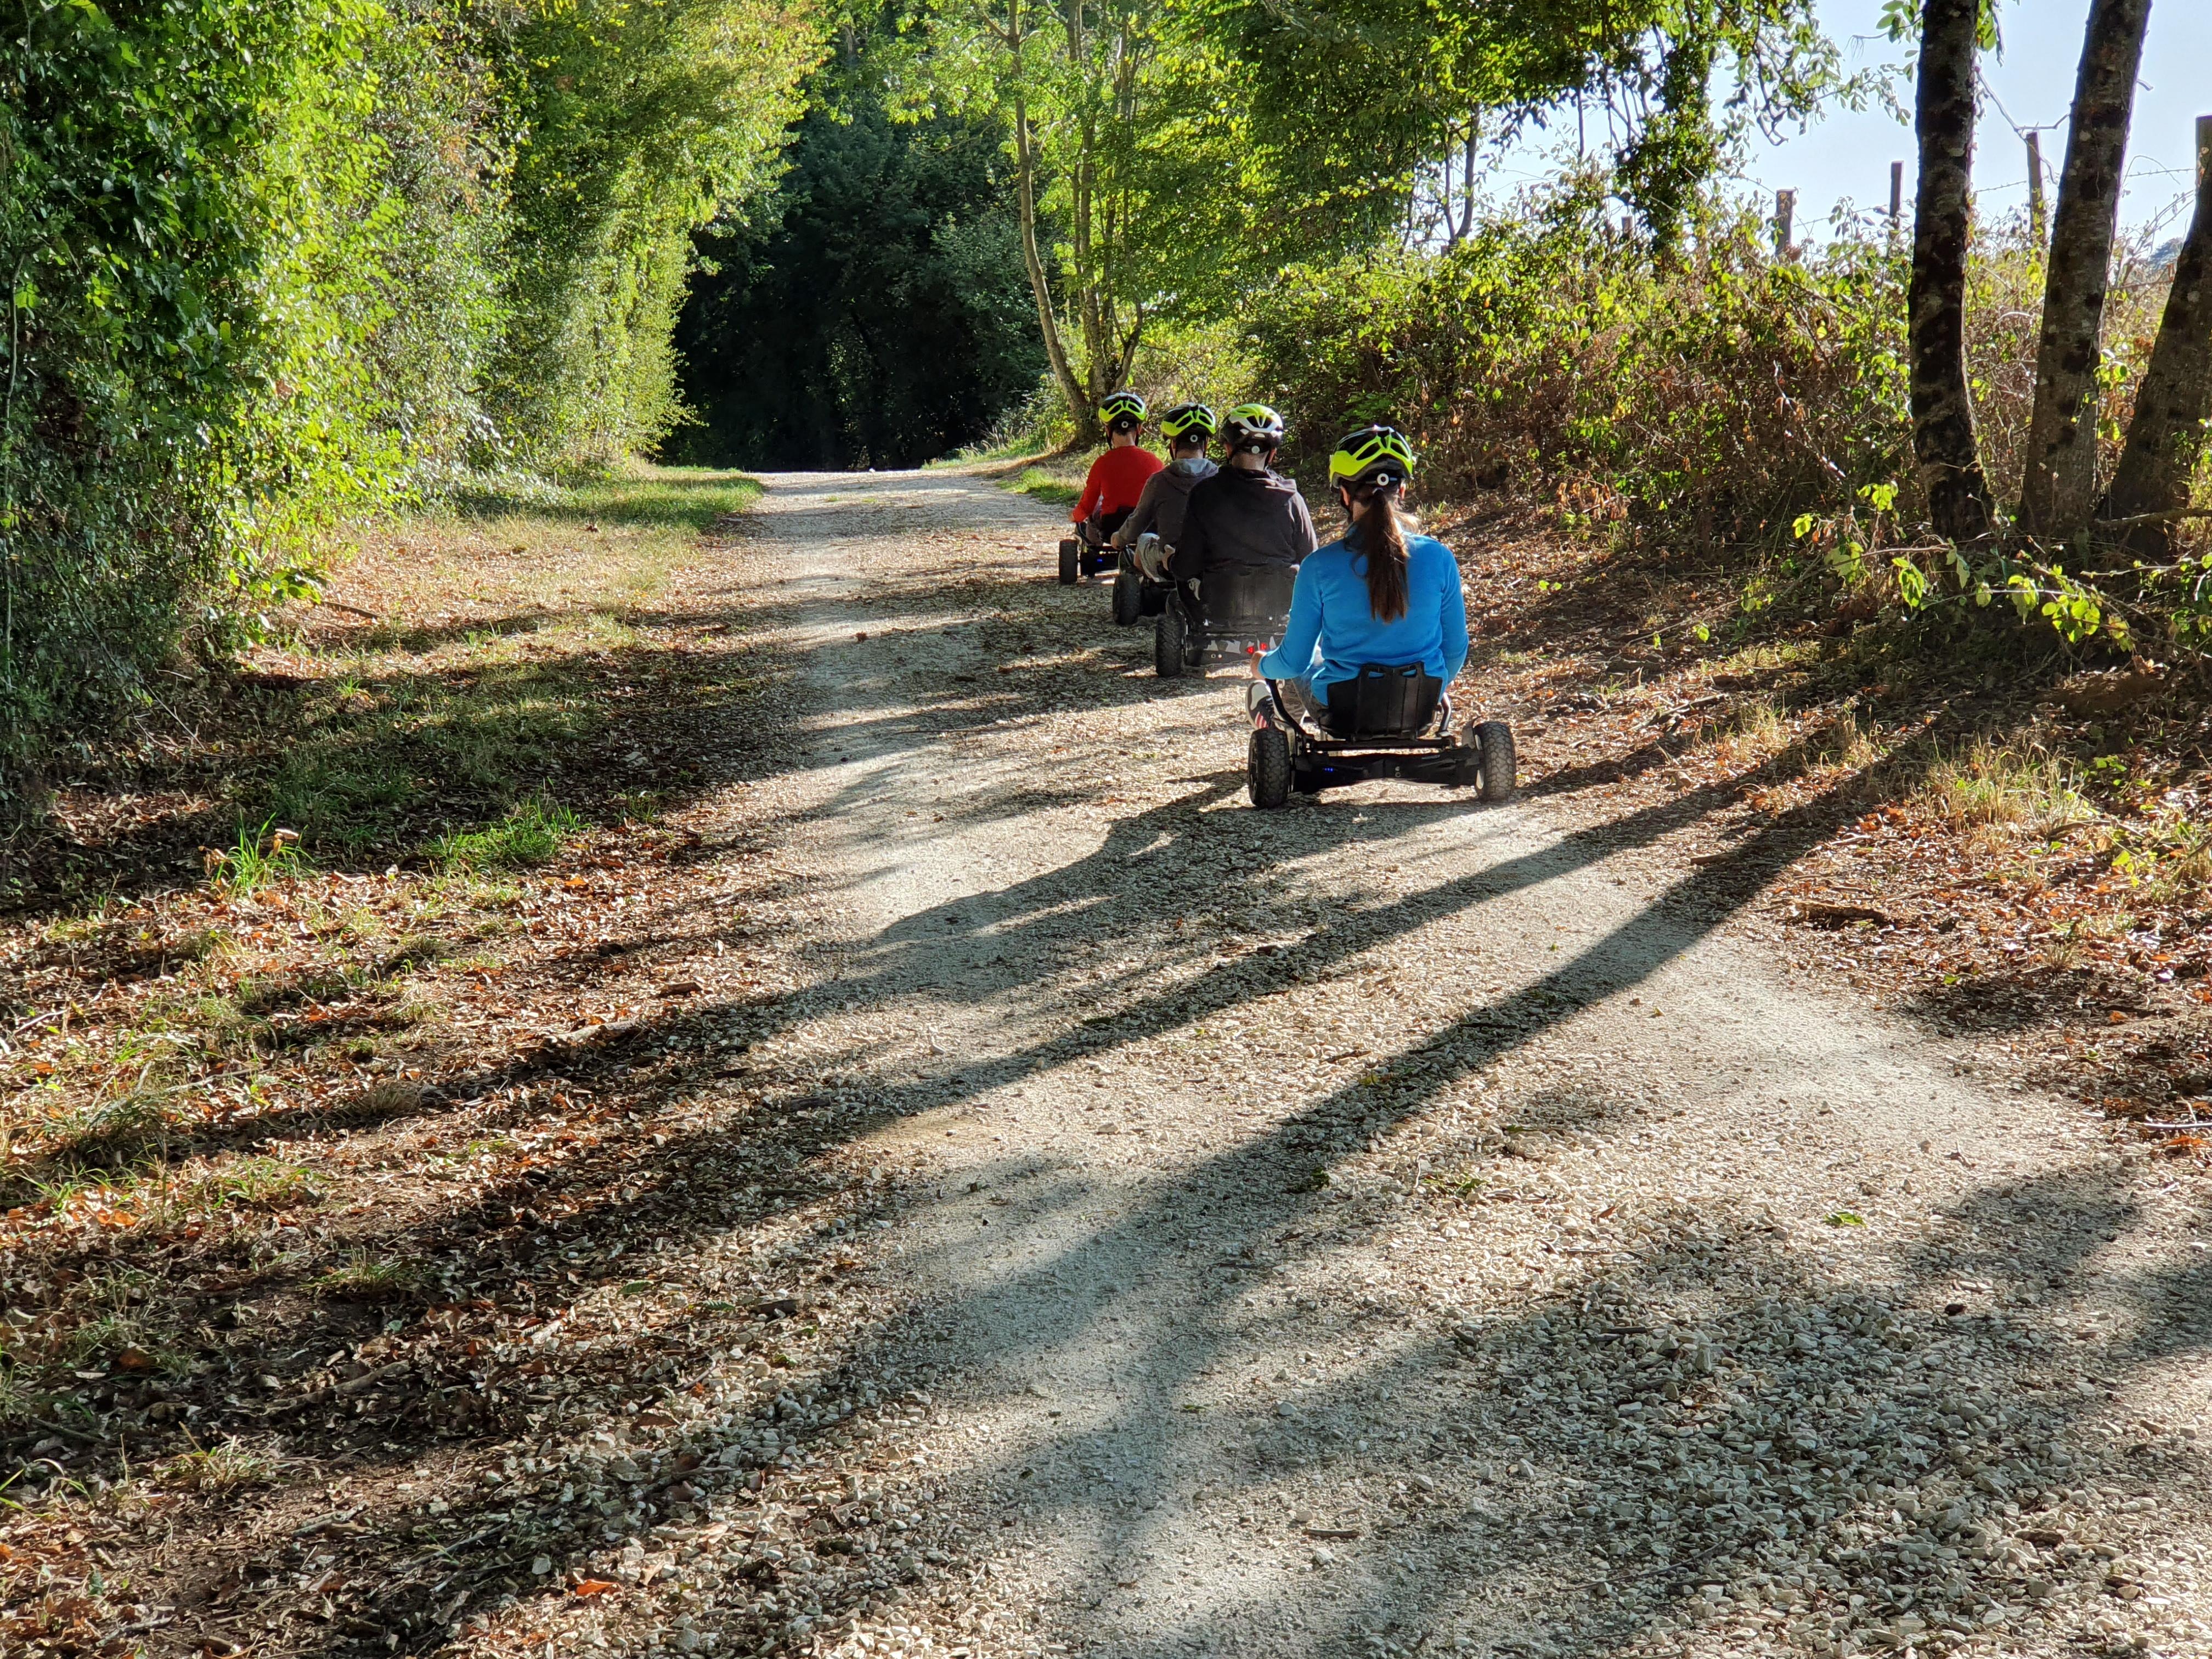 enfants en randonnée à la campagne en hoverkart en colonie de vacances